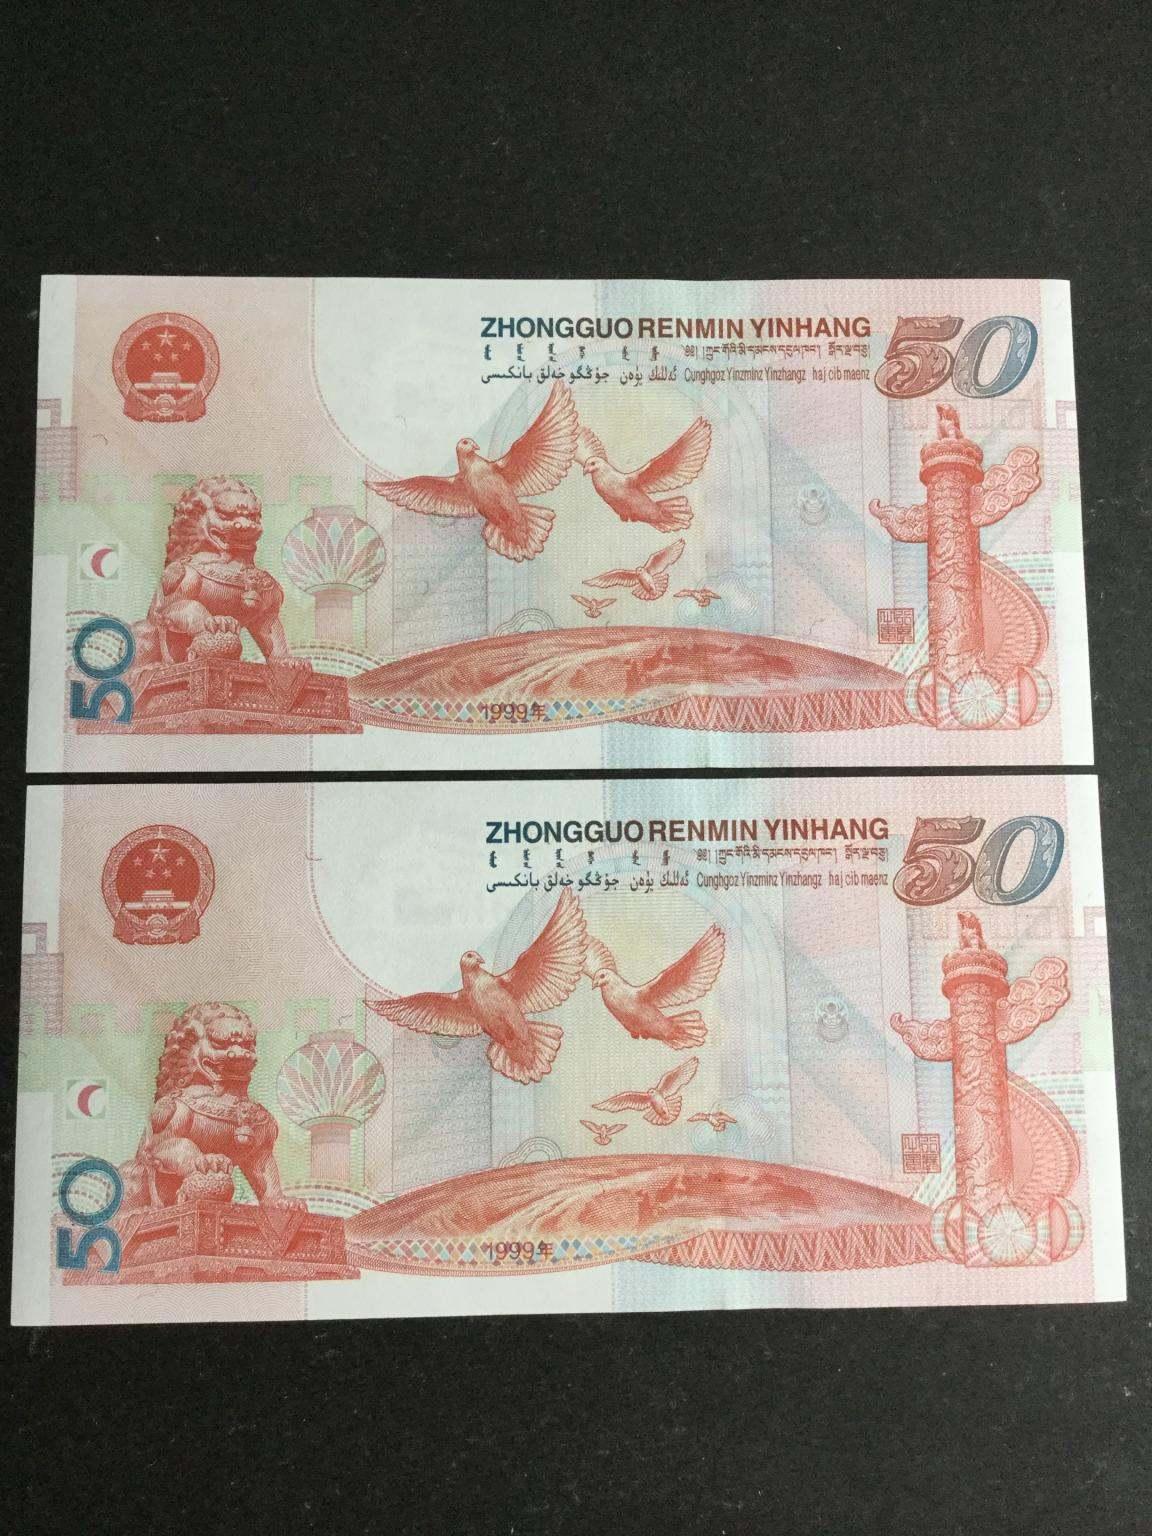 建国五十元纪念钞具有收藏的价值吗